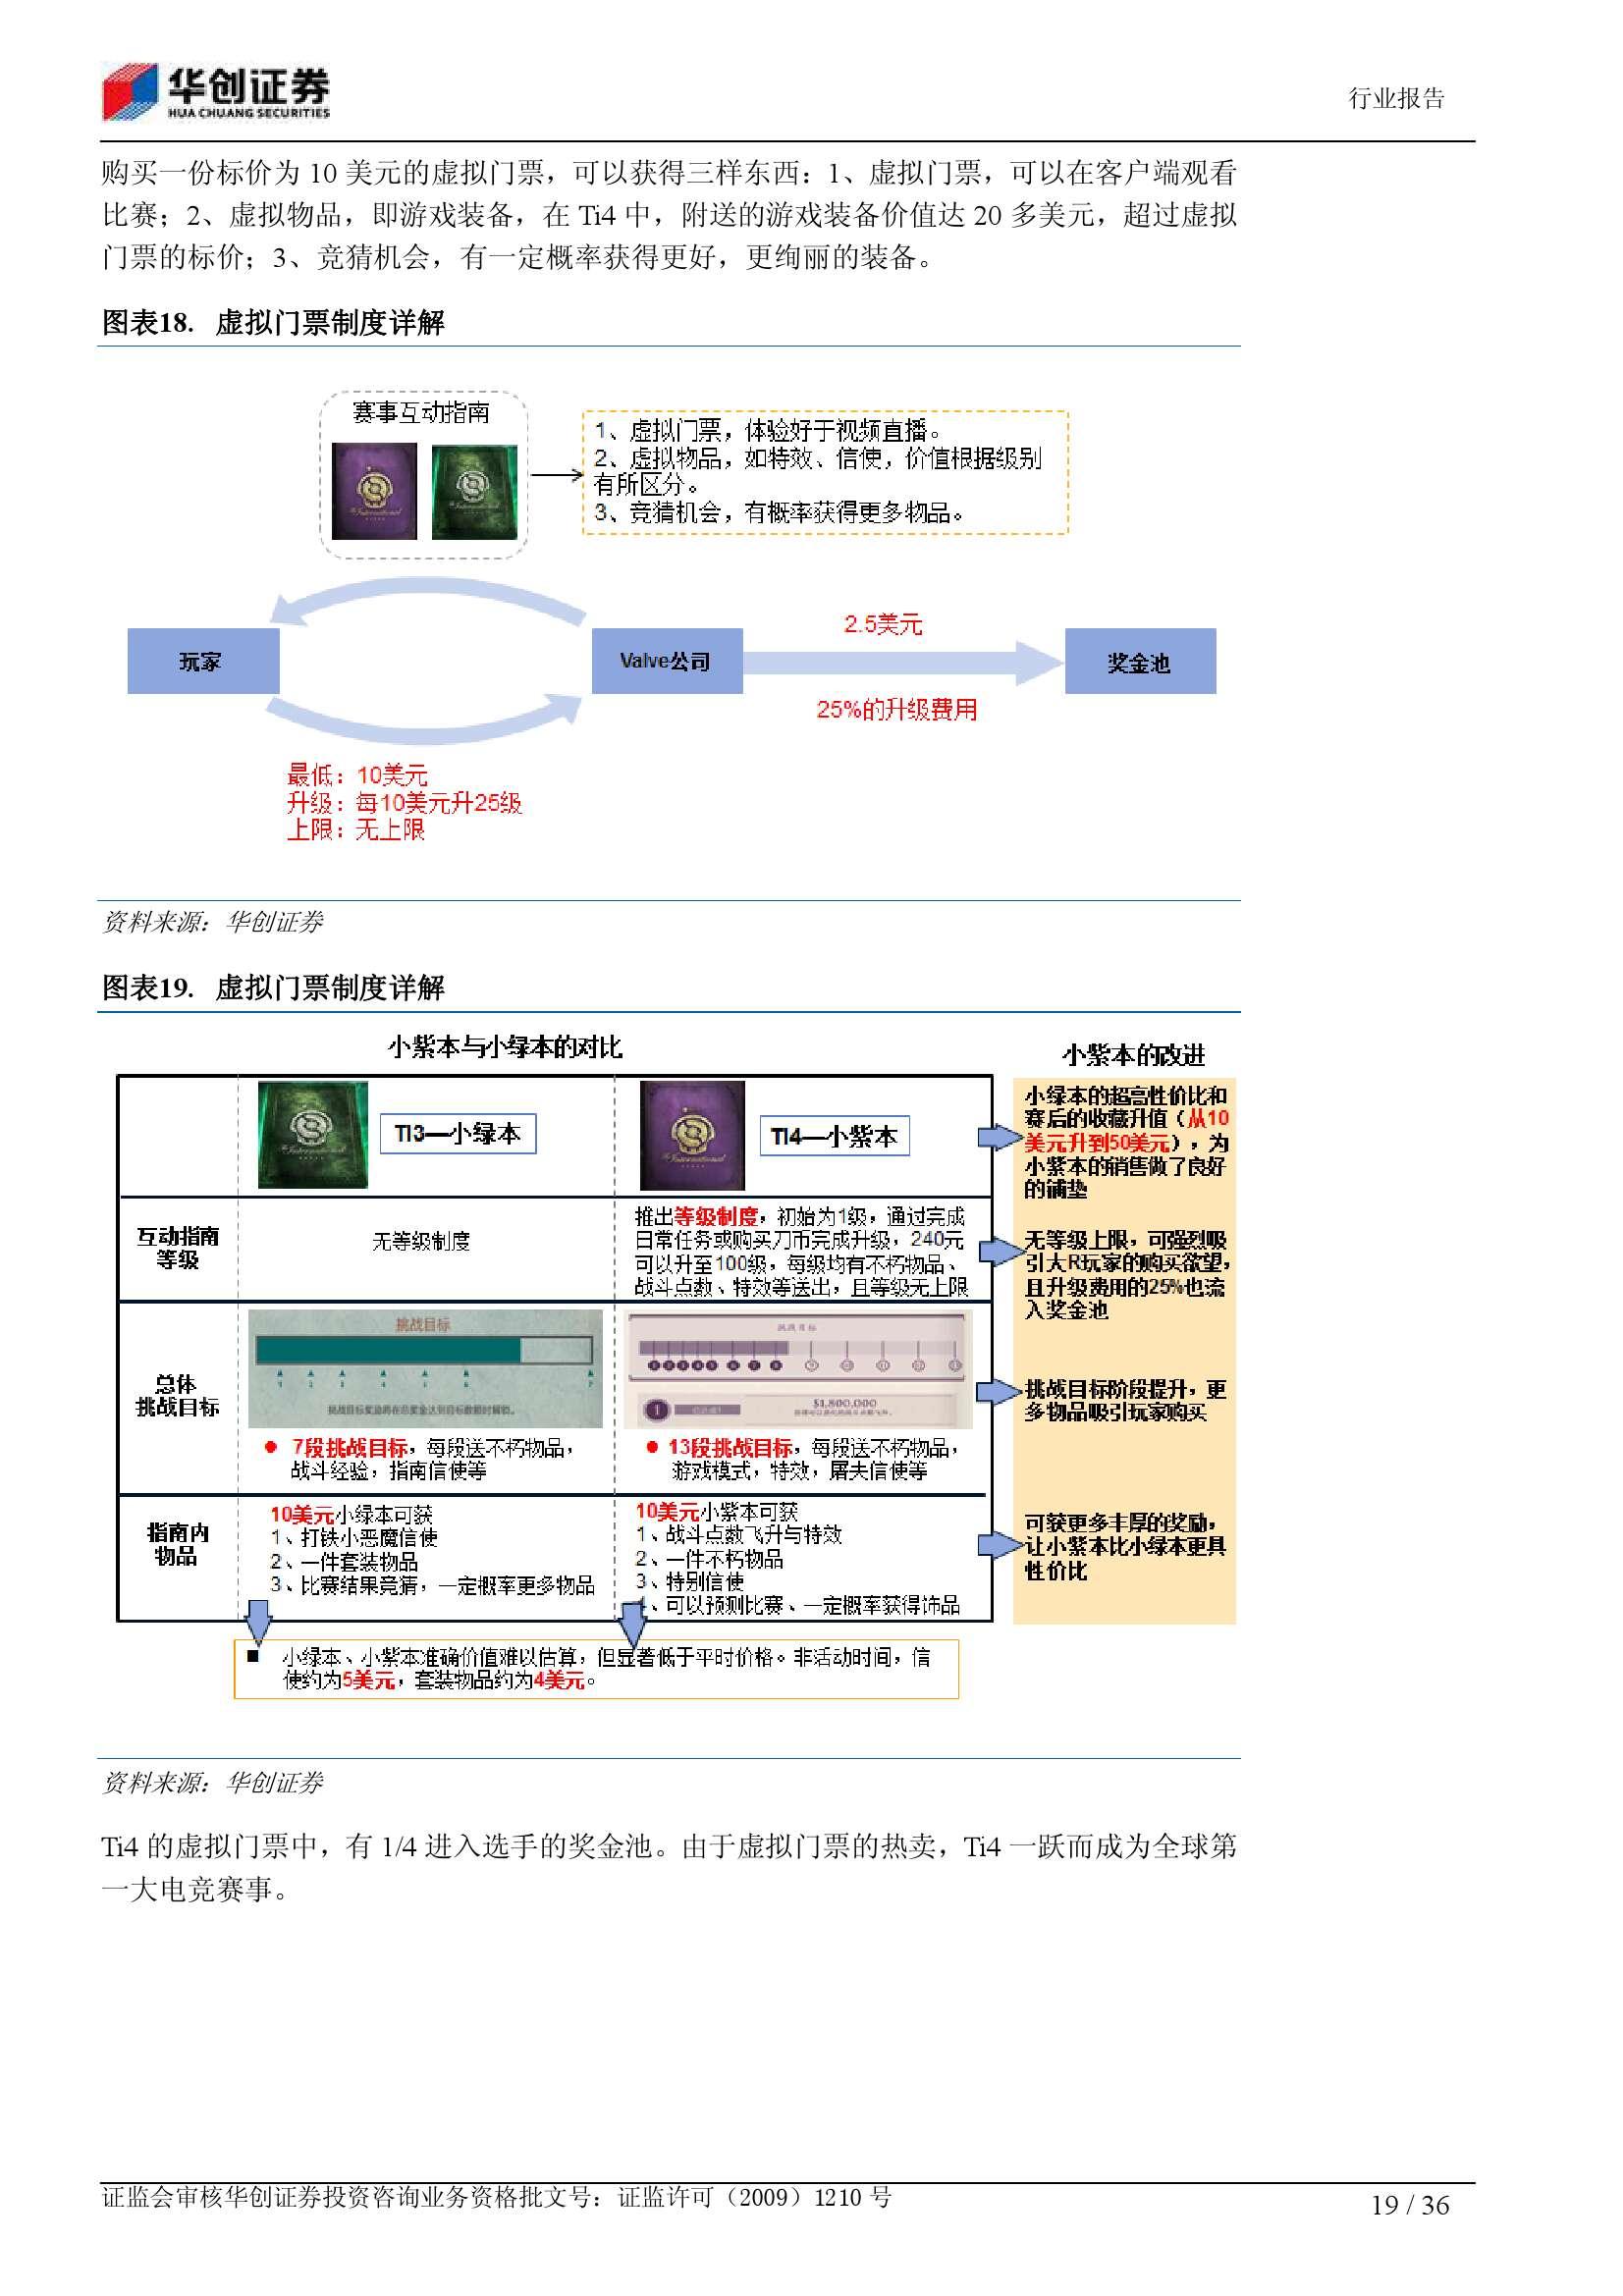 电子竞技深度报告:从小众娱乐 到千亿产业_000019